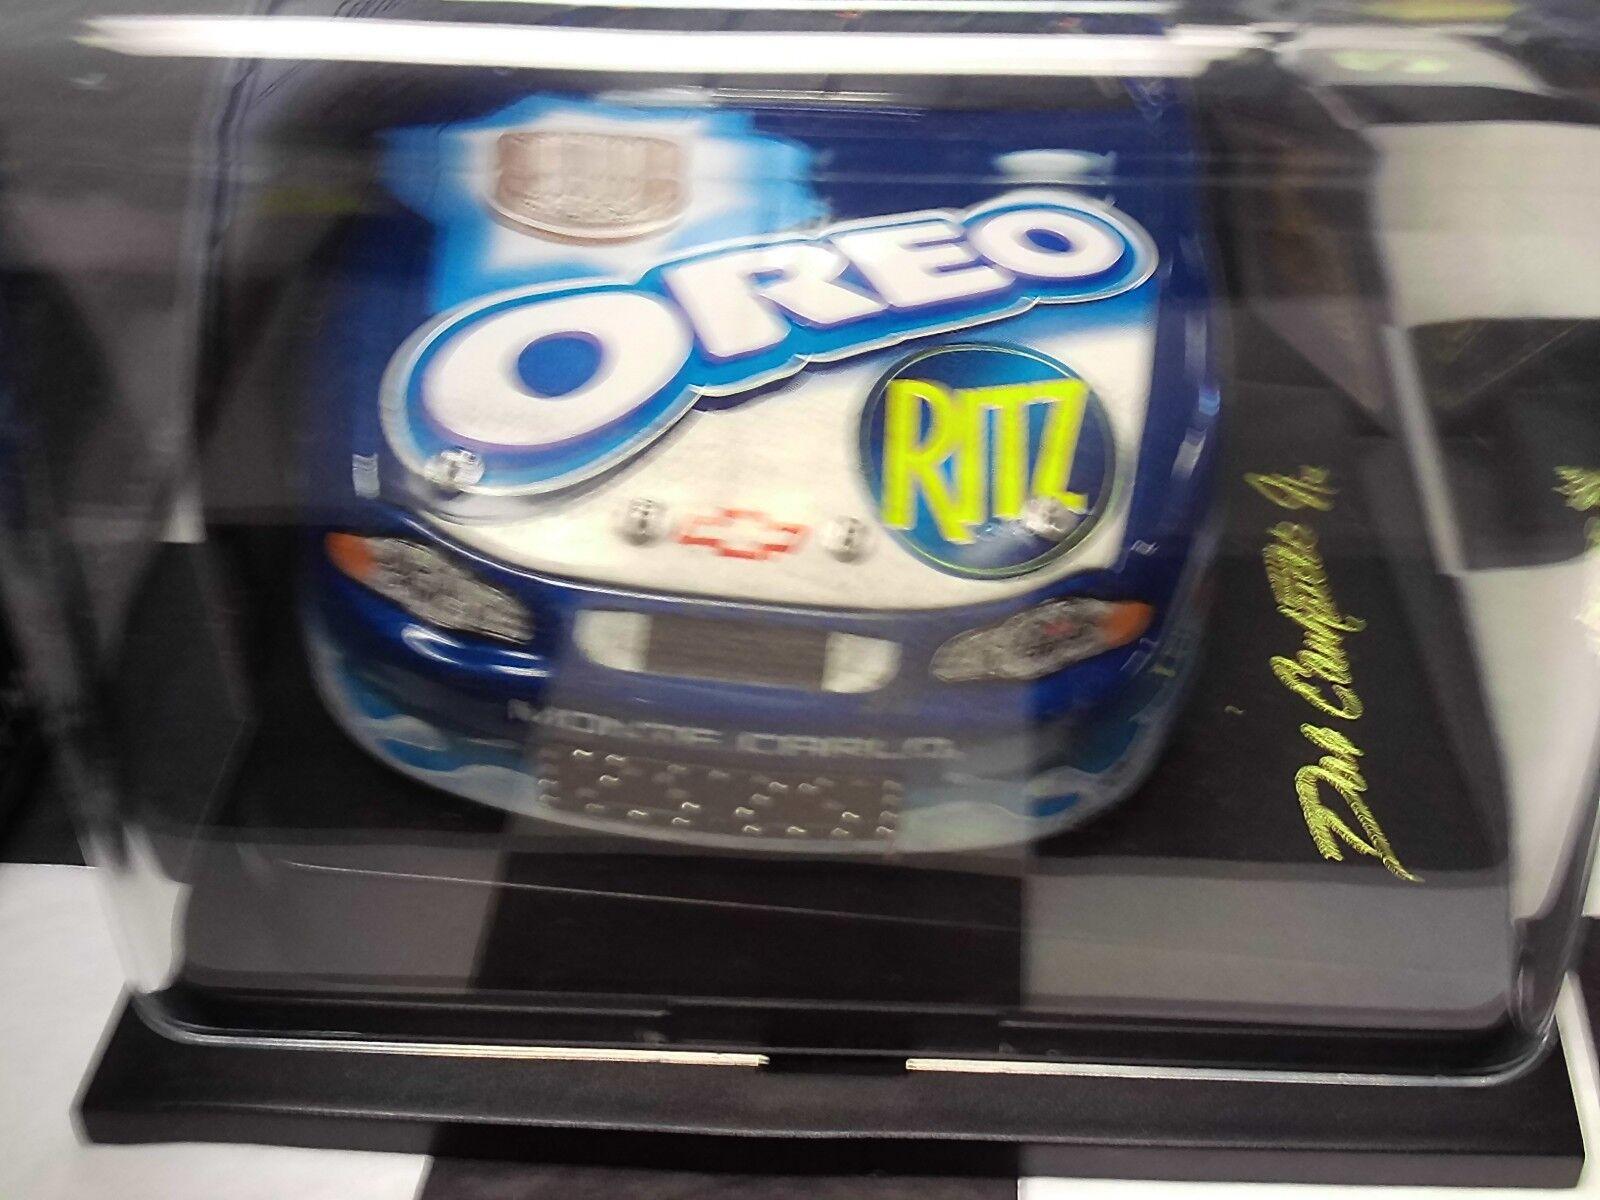 Dale Dale Dale Earnhardt Jr  3 Oreo Ritz 2002 escala 1 24 Diecast Revell Nuevo en caso de coche b3a4fc